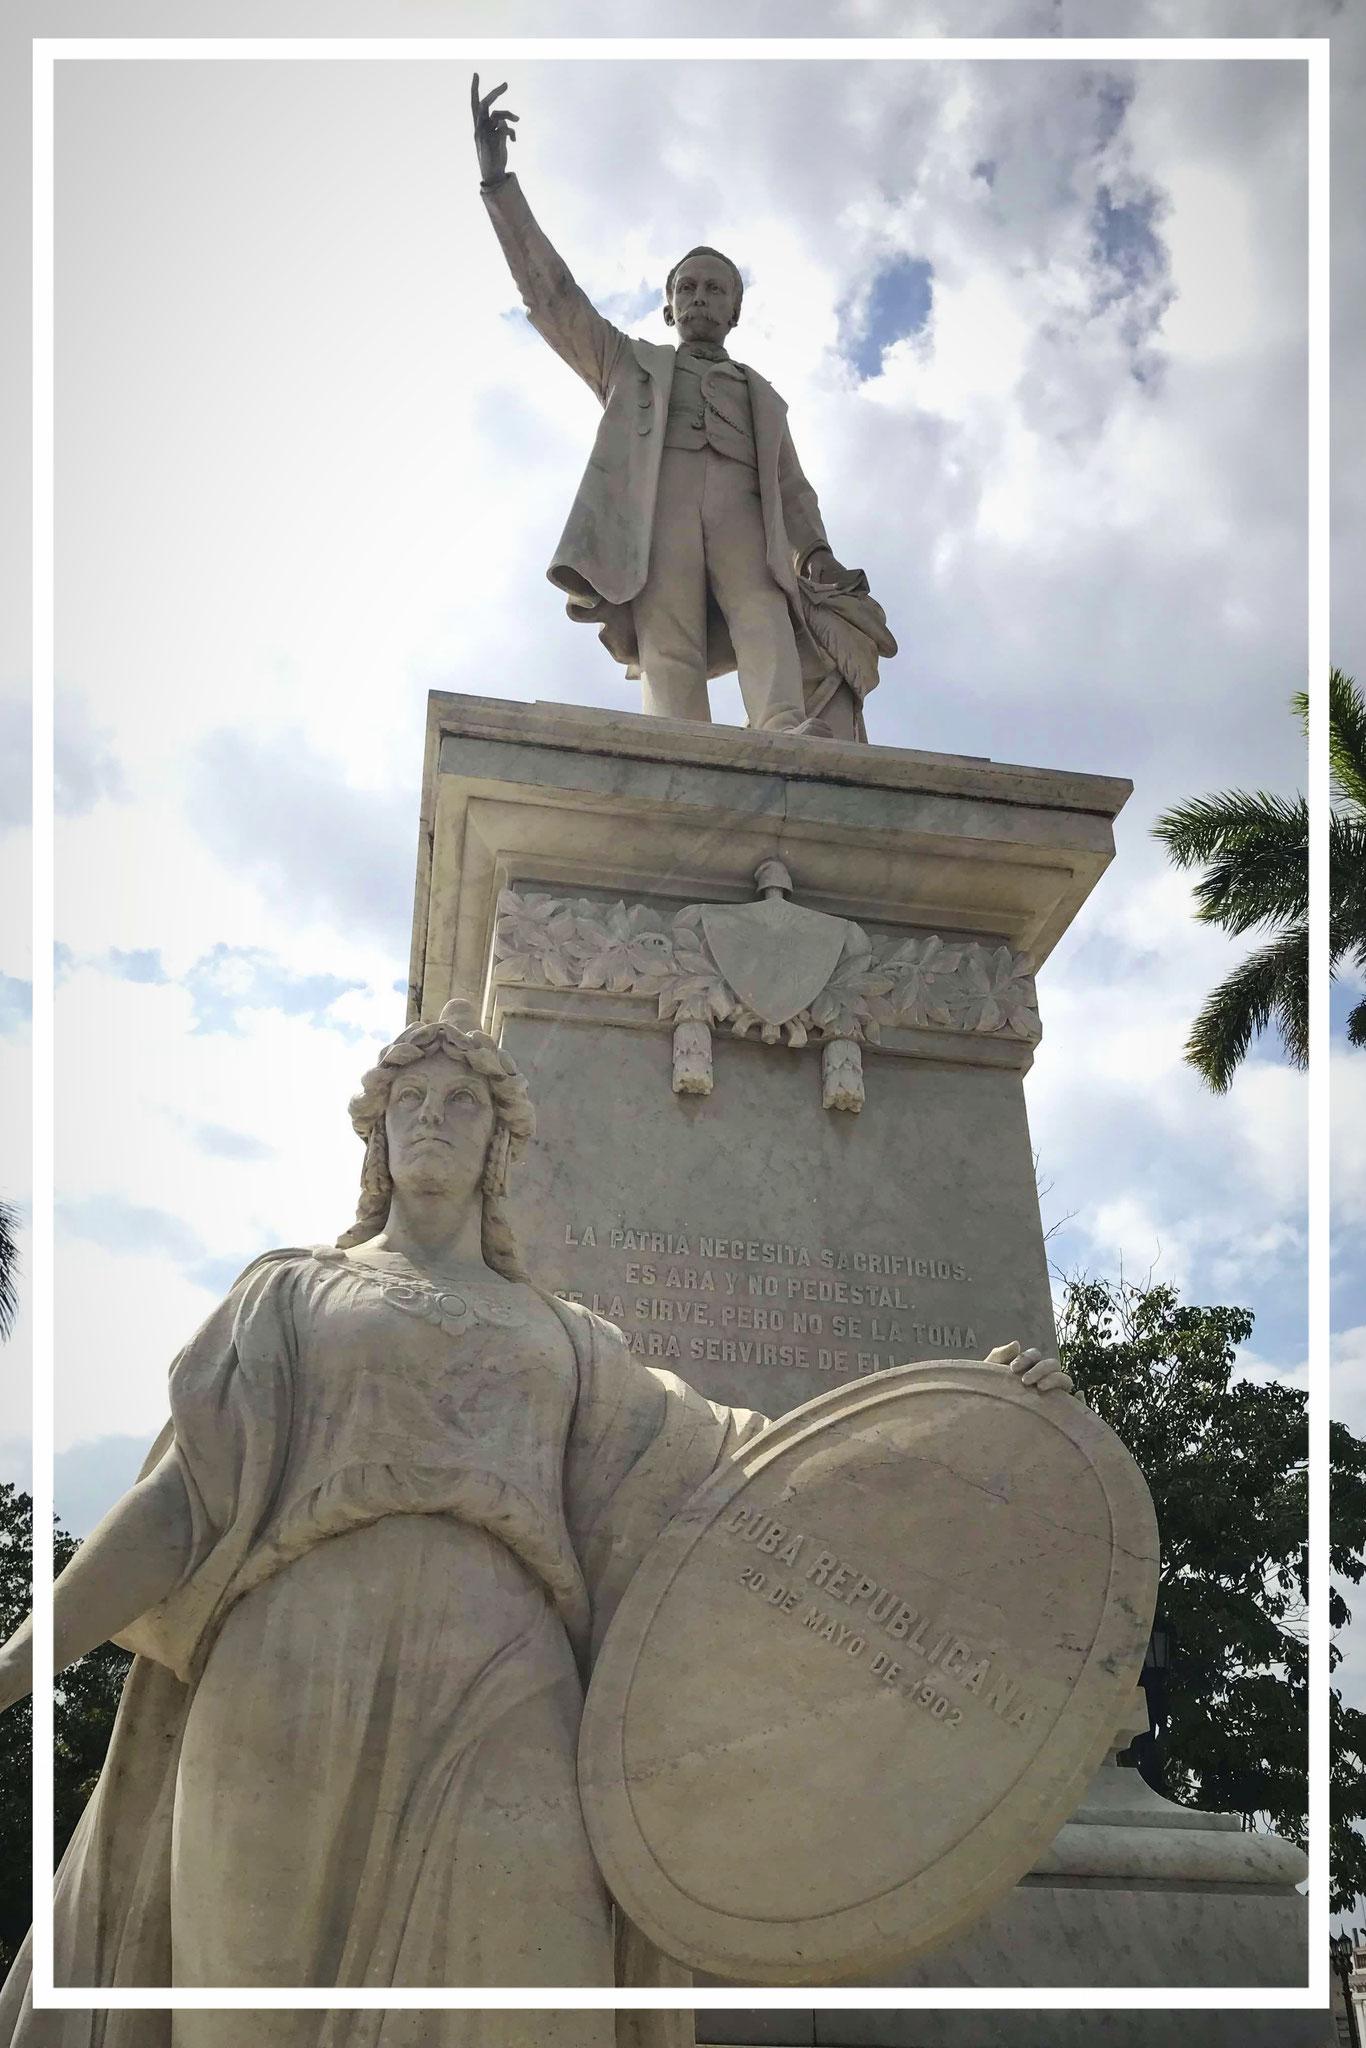 Statue of José Martí in the Parque Martí